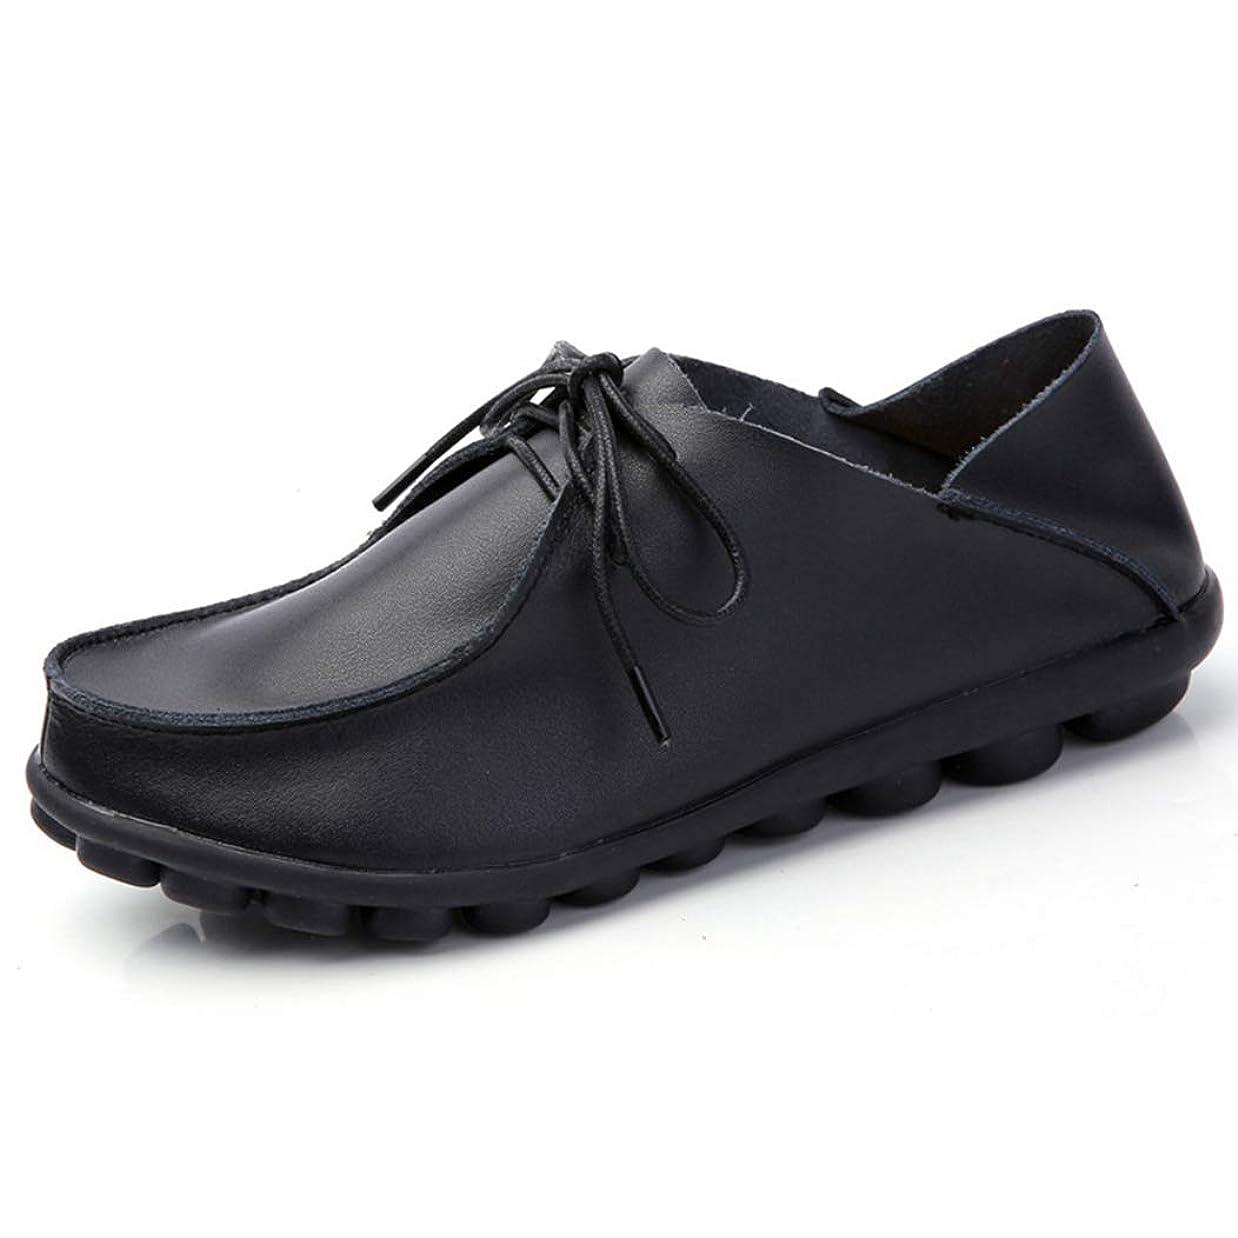 極めて反対した買い手[WOOYOO] カジュアルシューズ レディース レースアップ フラットシューズ 革靴 ドライビング 婦人靴 2way履き方 サンダル クッション おじ靴 ミュール 軽量 通気 日常着用 柔らかい 黒